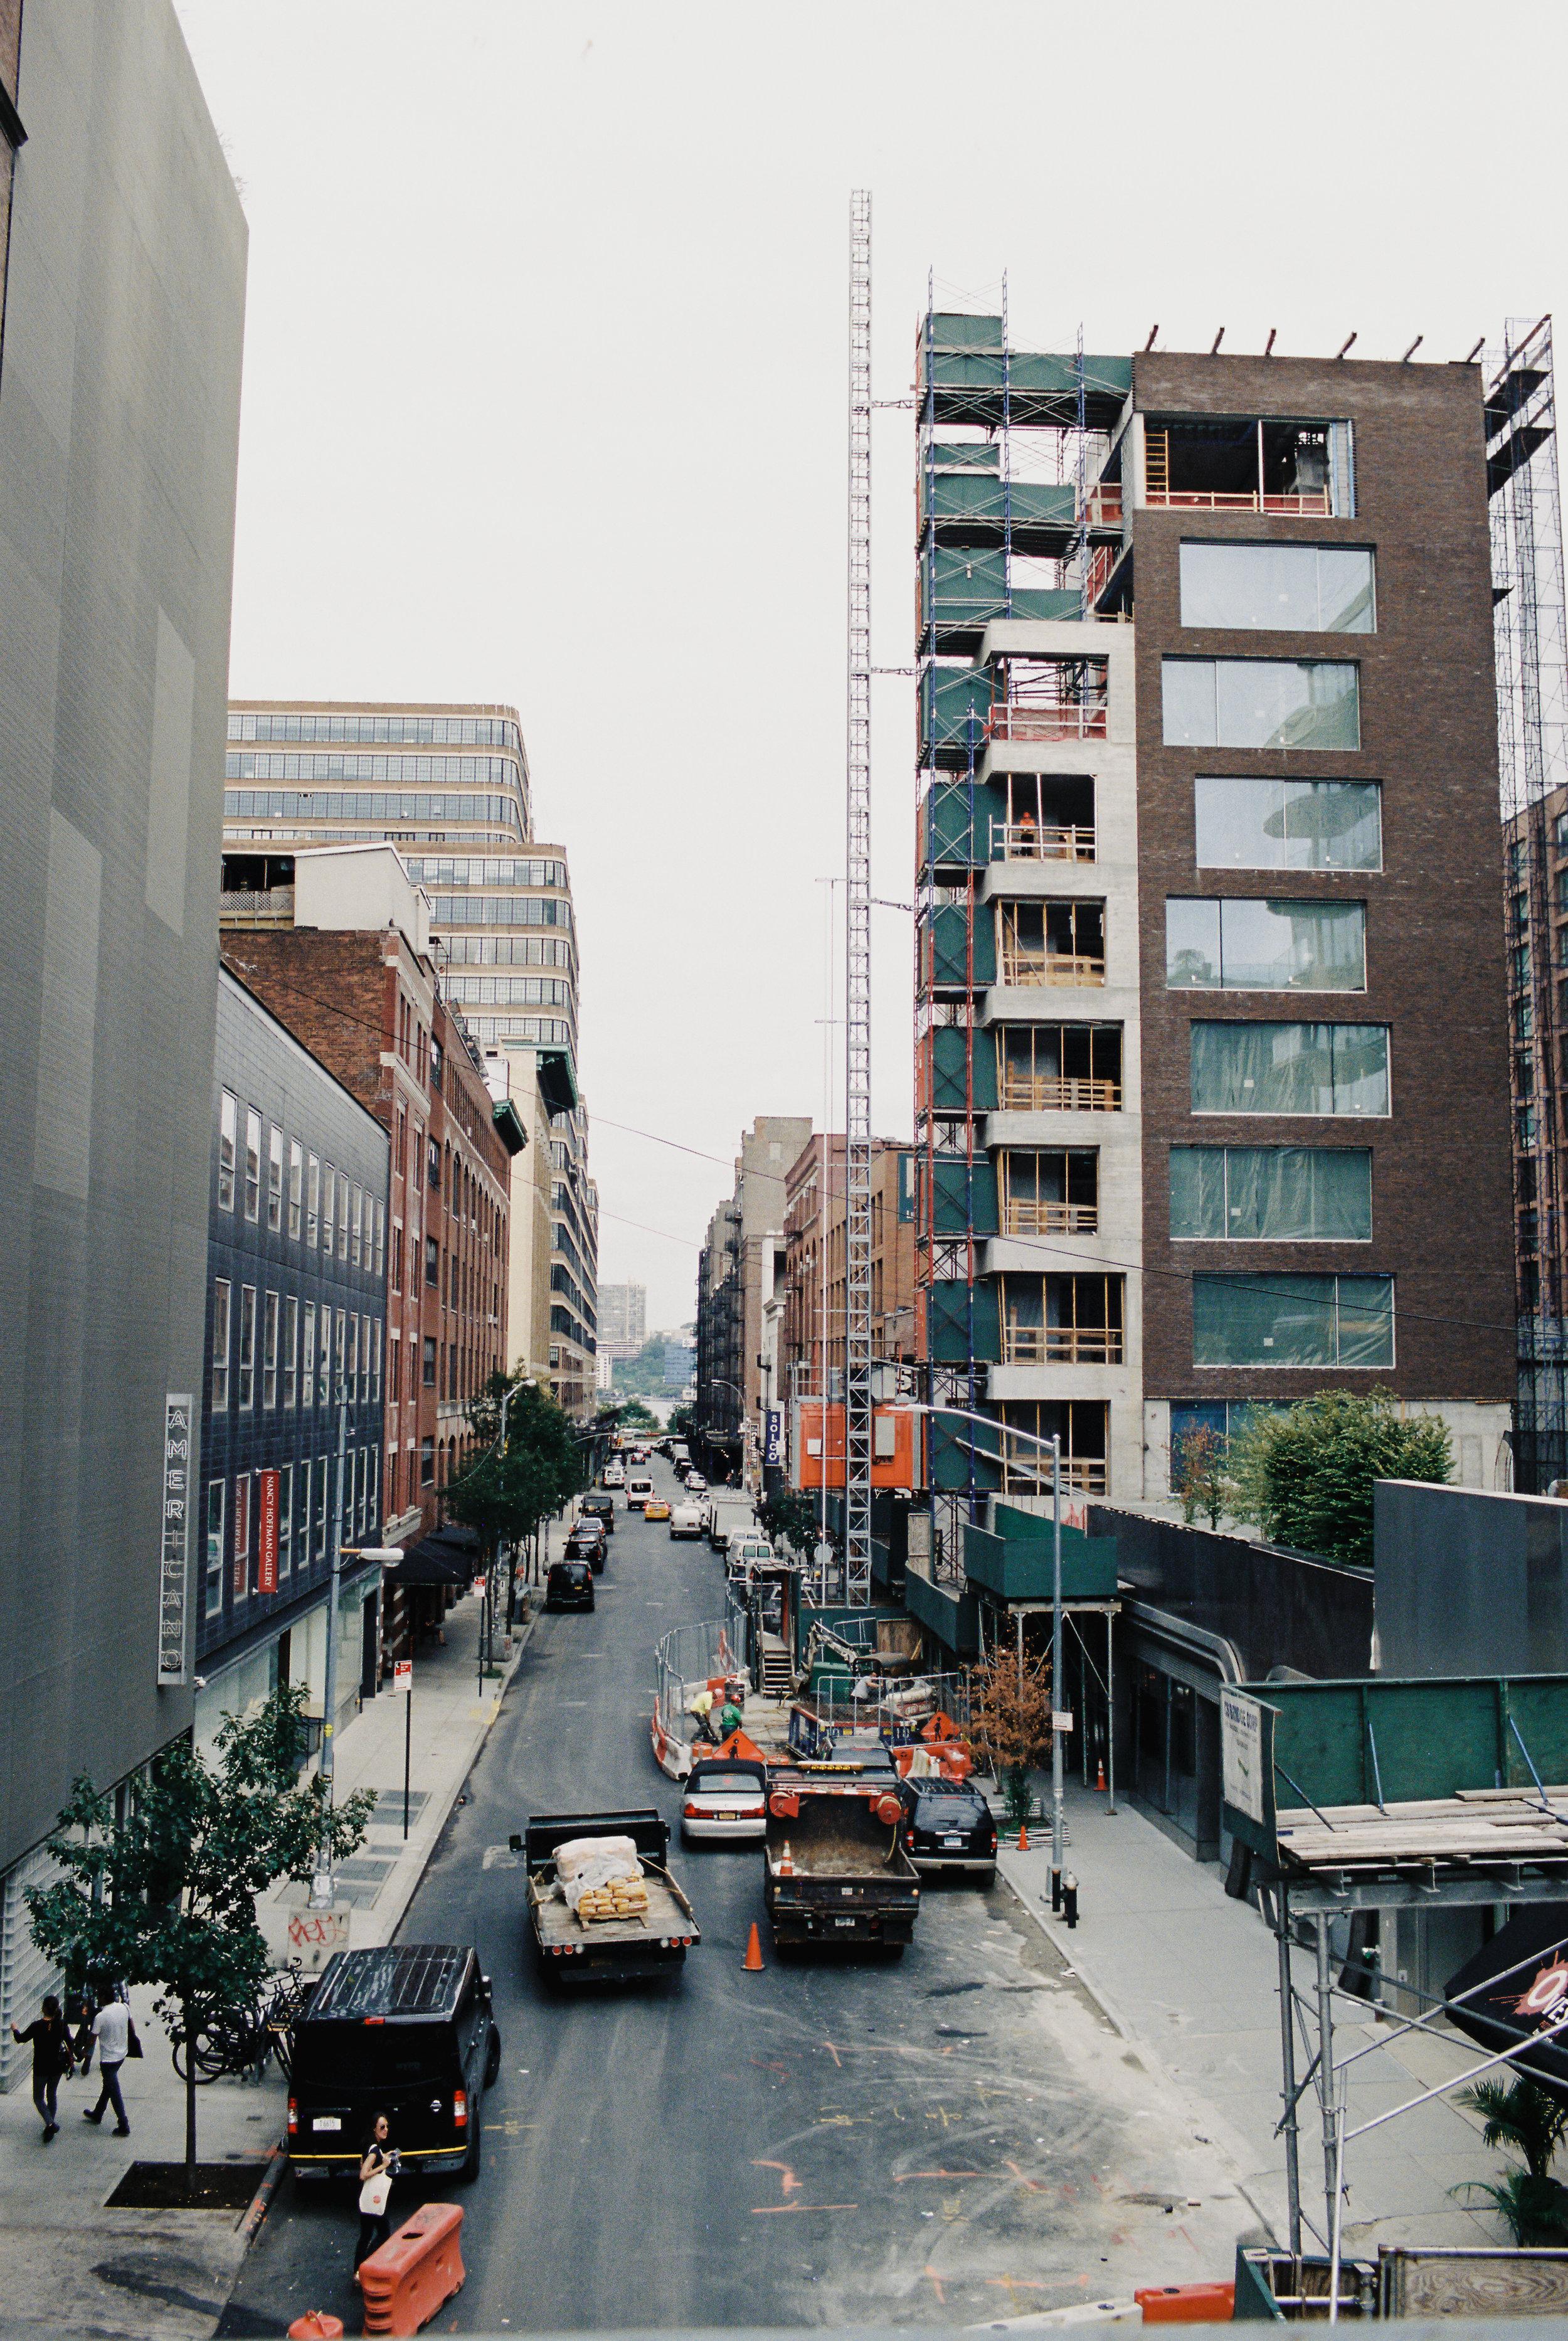 Manhattan, NY streets